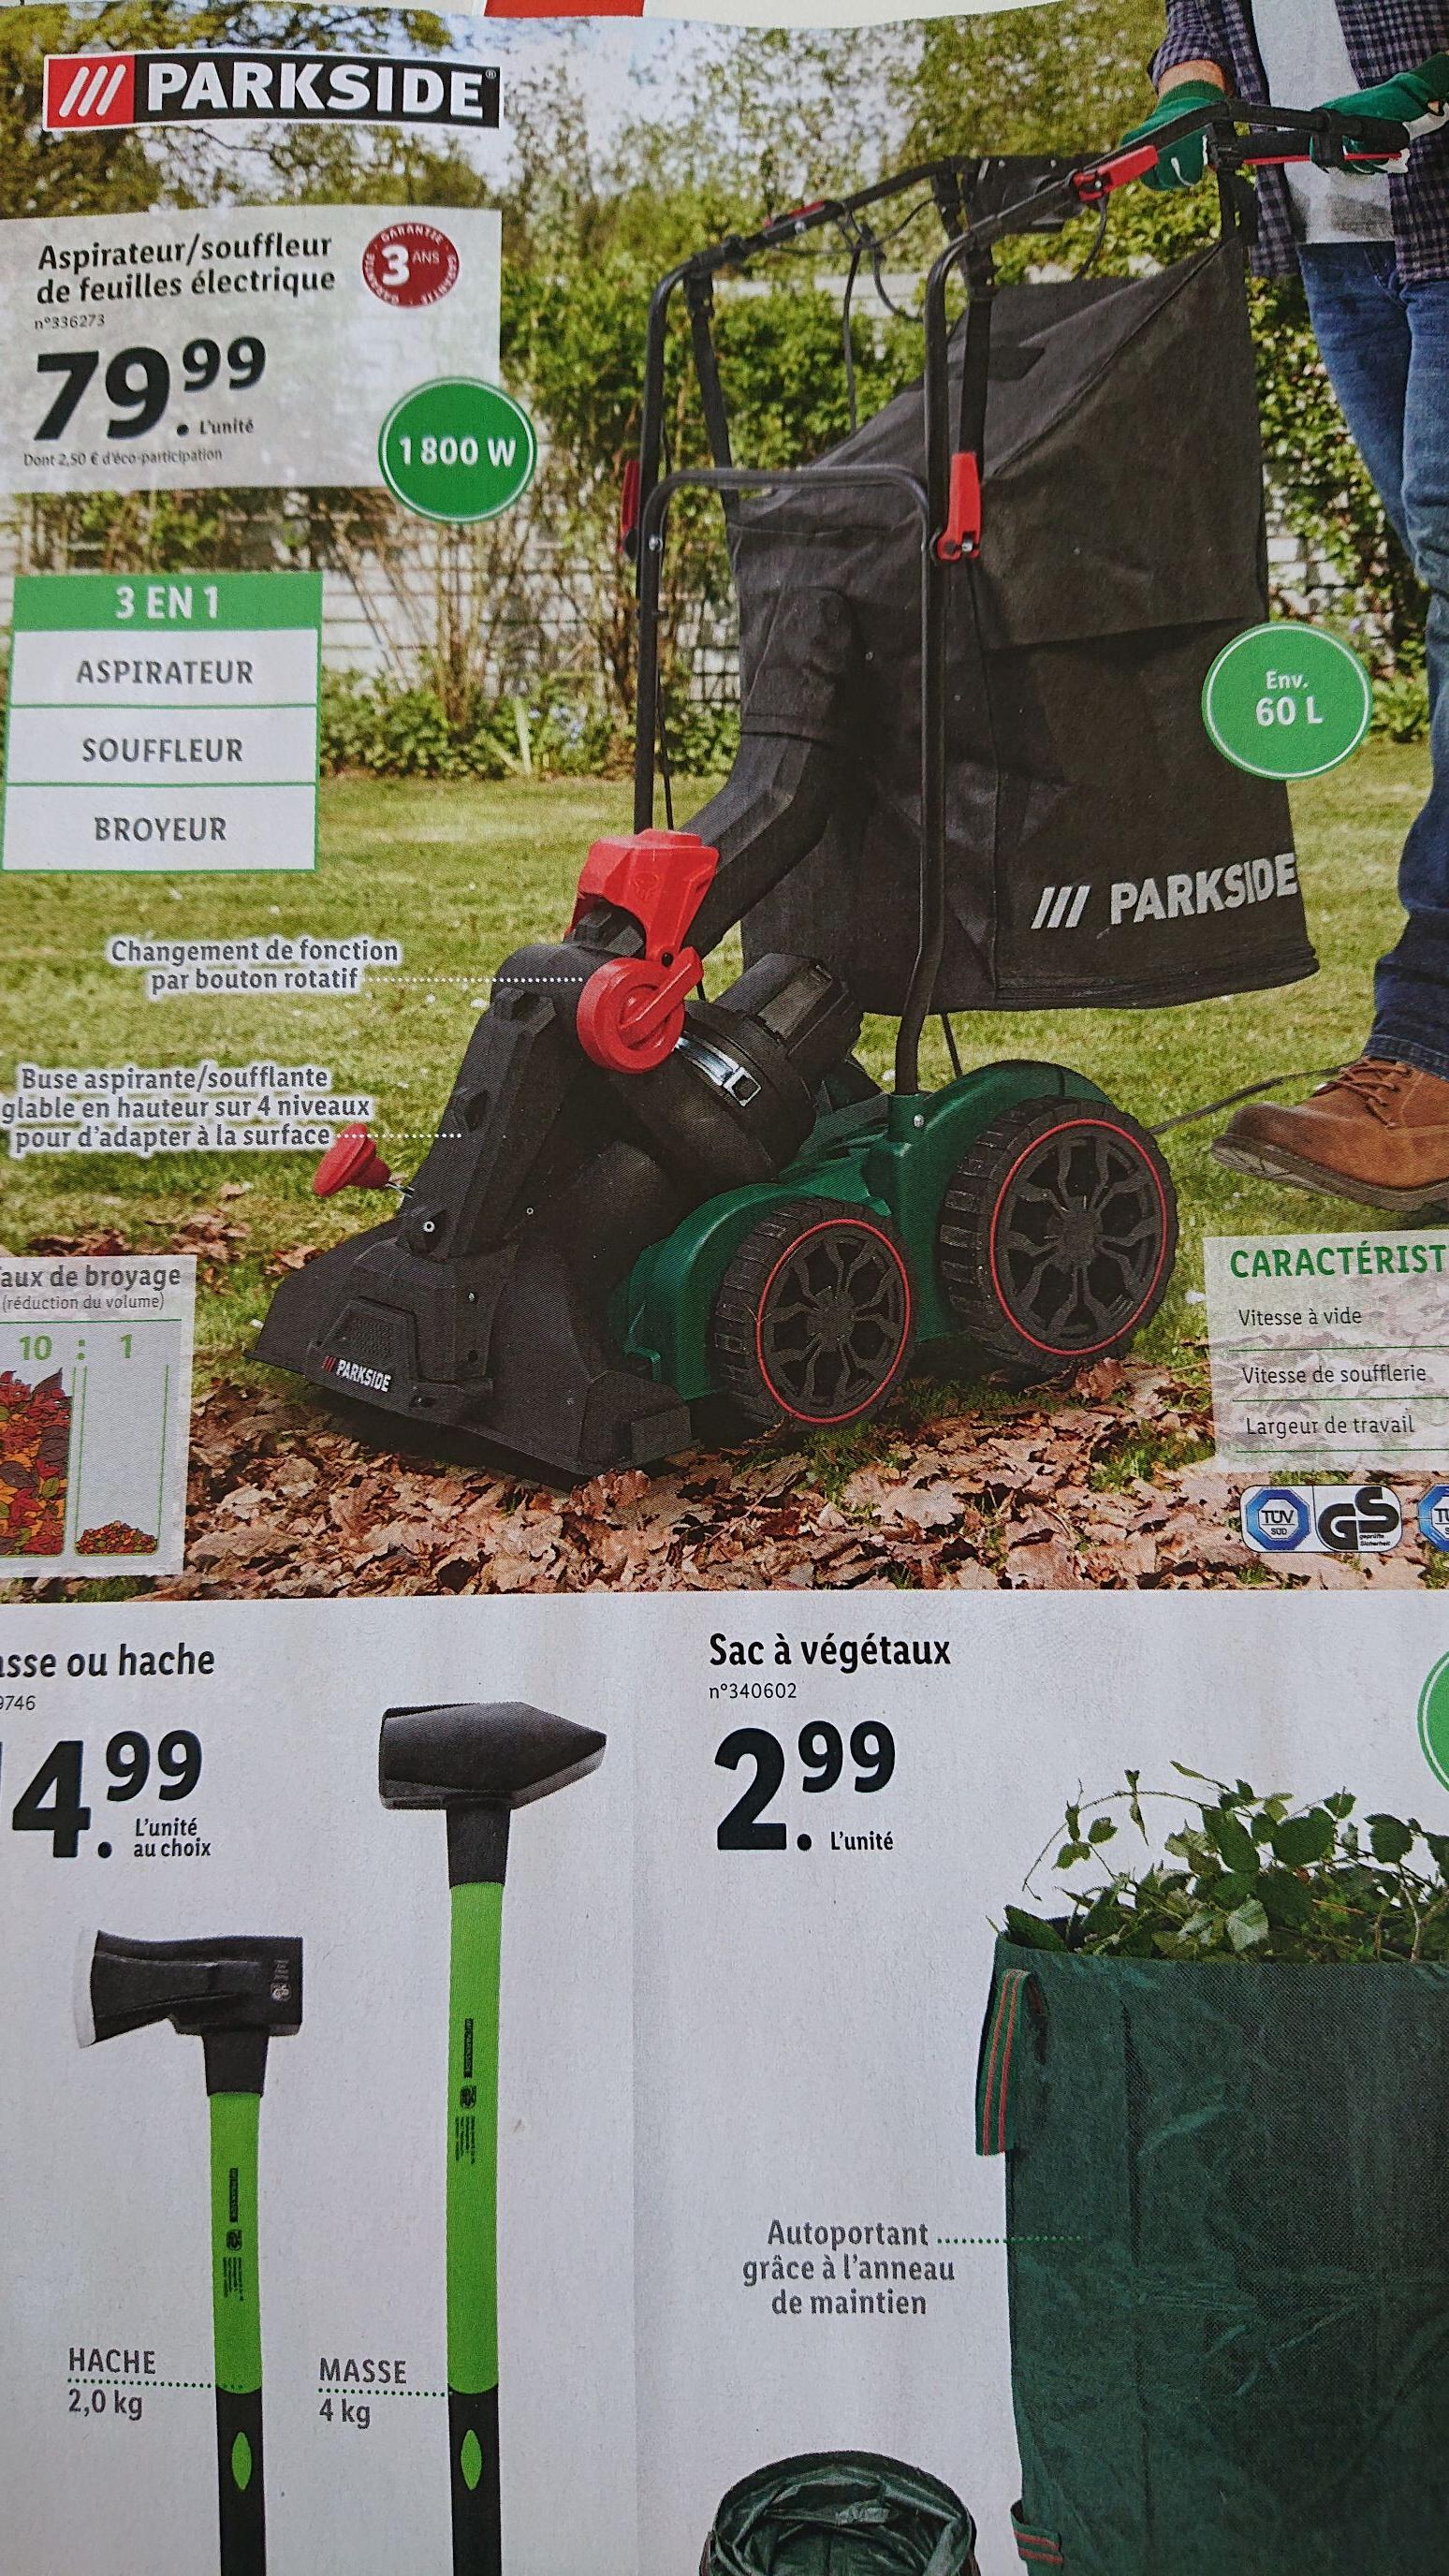 Aspirateur / Souffleur de feuilles électrique Parkside